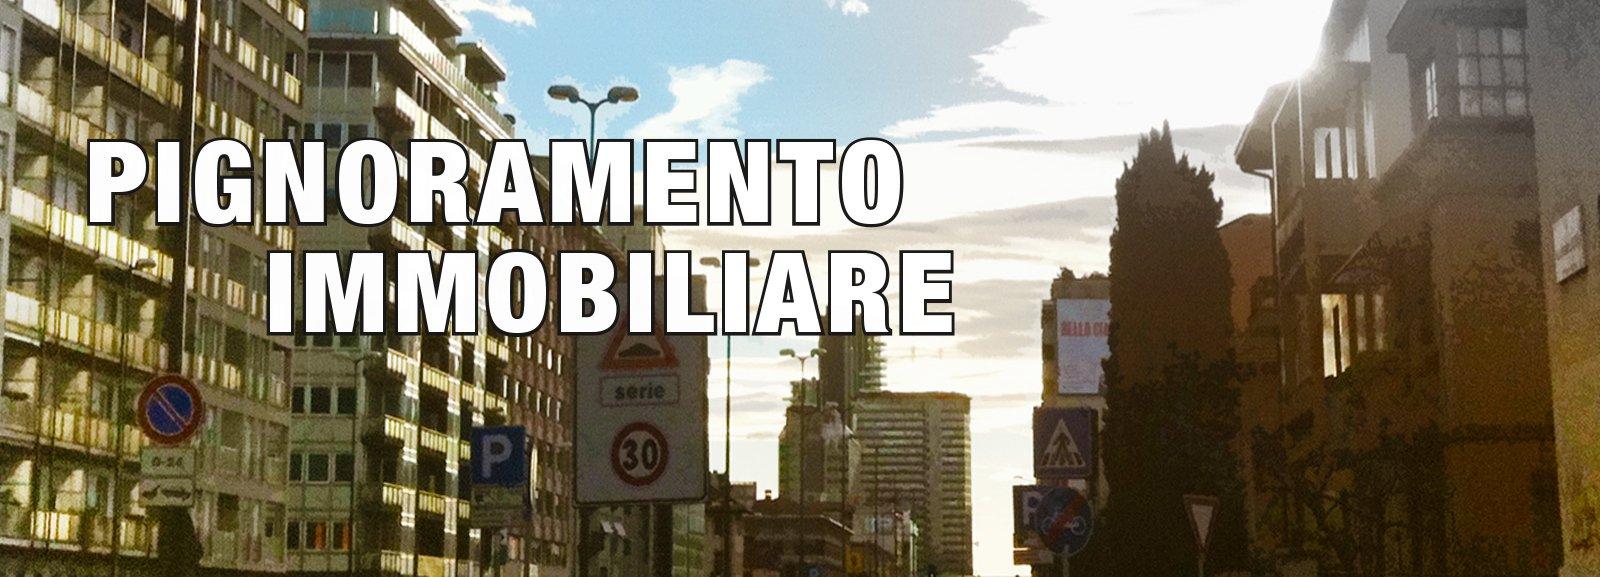 Adessonews soloagevolazioni italia agevolazioni per l - Pignoramento casa invalidi ...